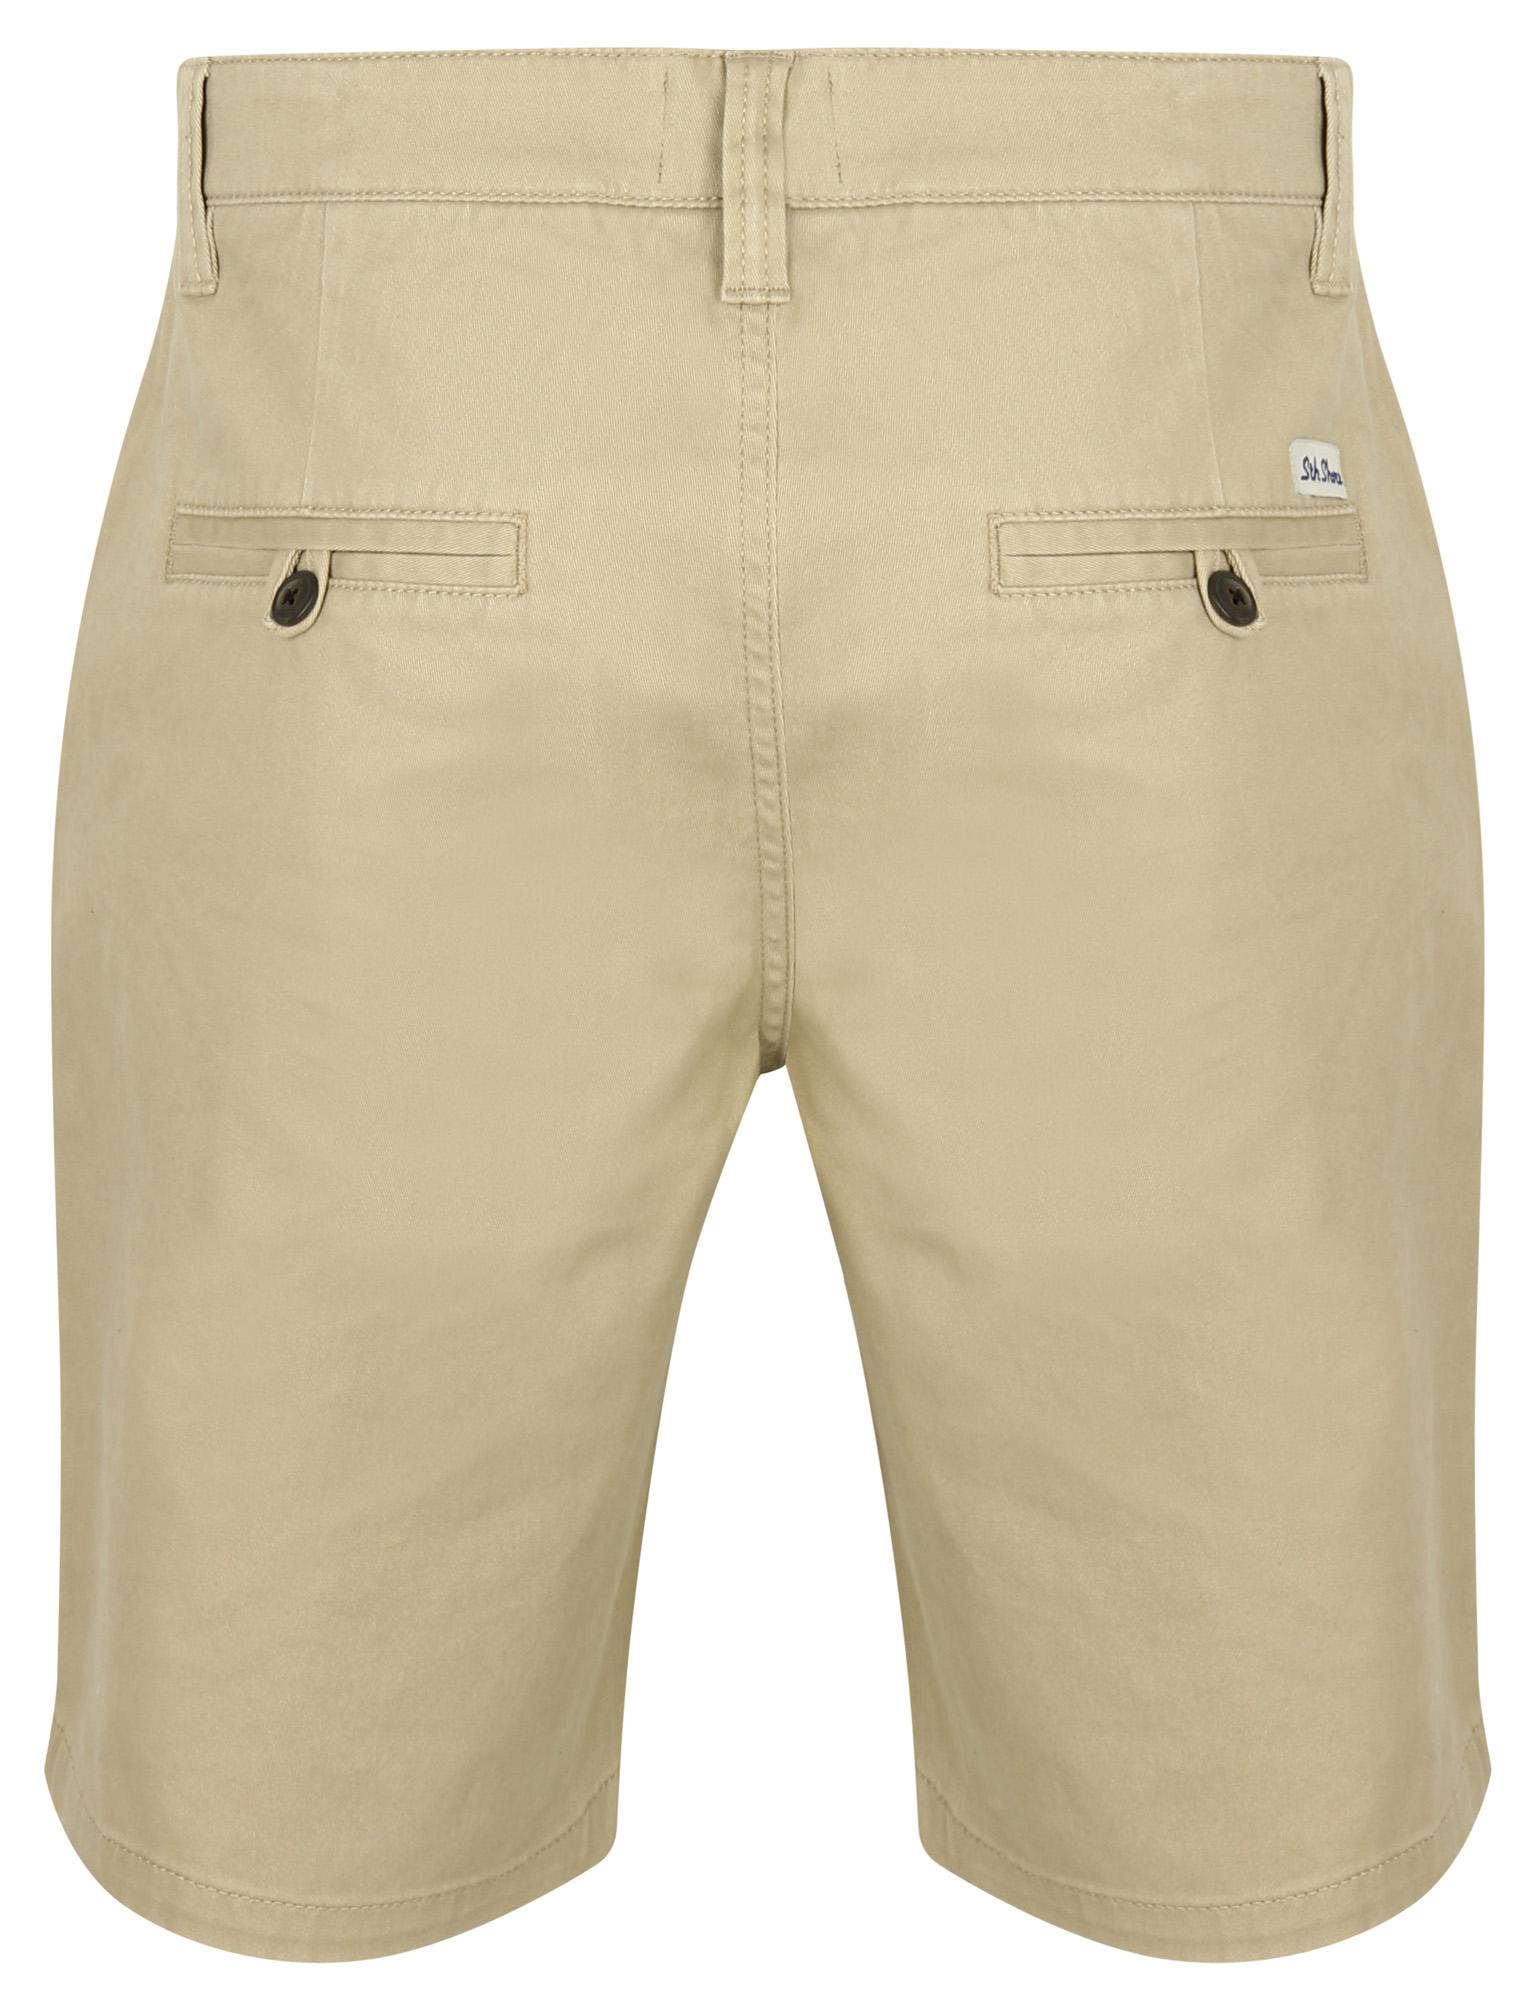 South-Shore-uomo-Scotch-Tinta-Unita-Cotone-Twill-Casual-Jeans-Corti-Chino-Taglia-S-XXL miniatura 9